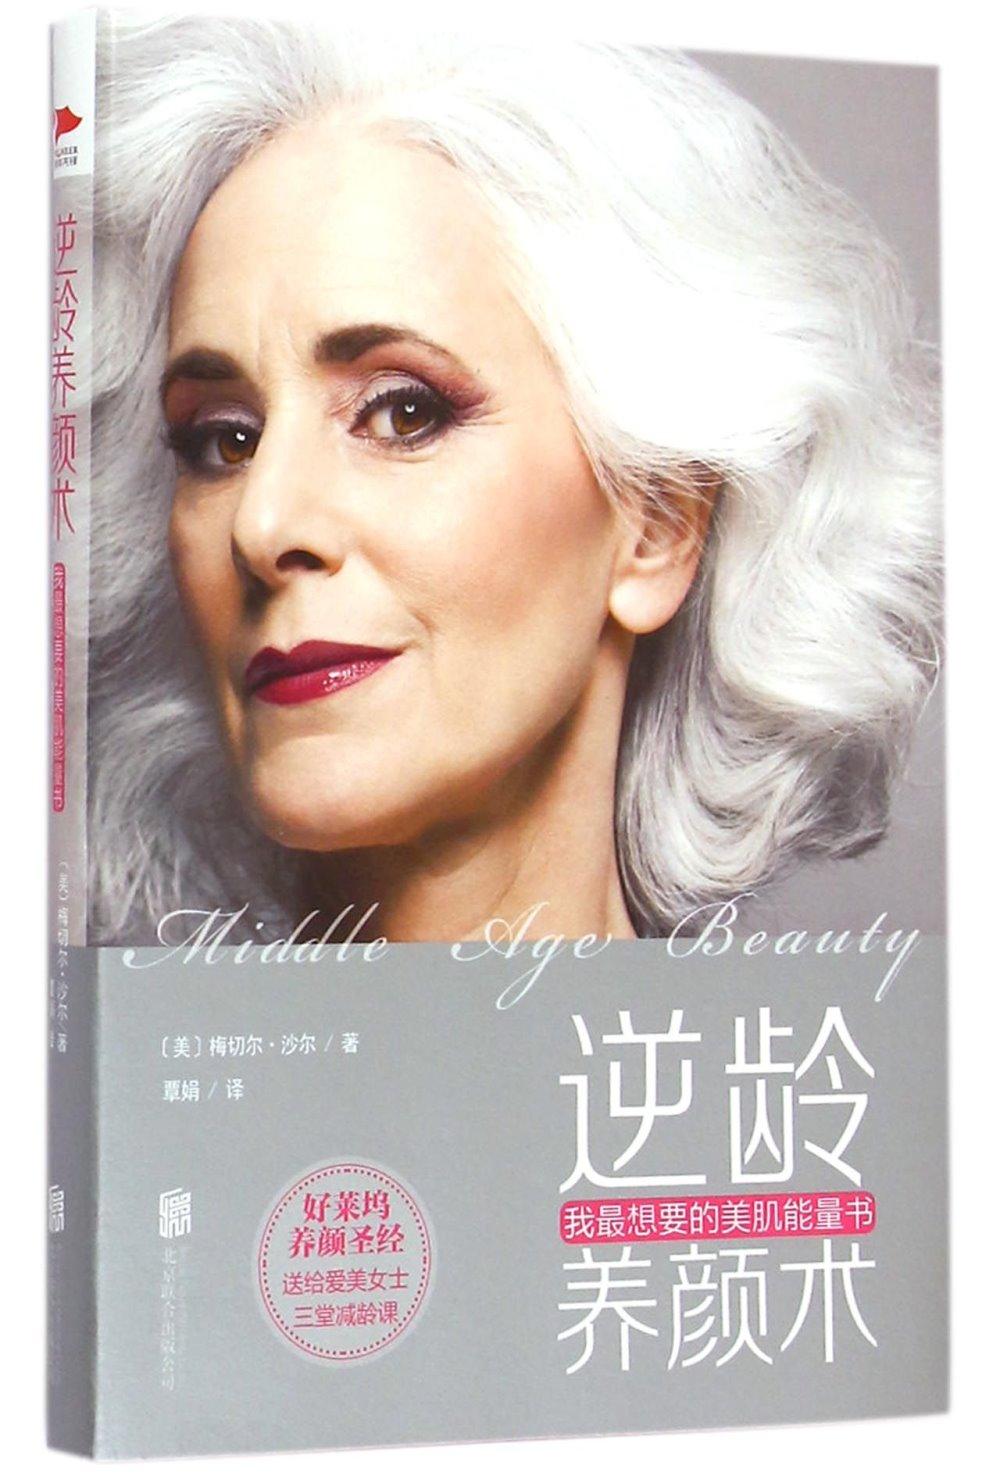 逆齡養顏術:我最想要的美肌能量書